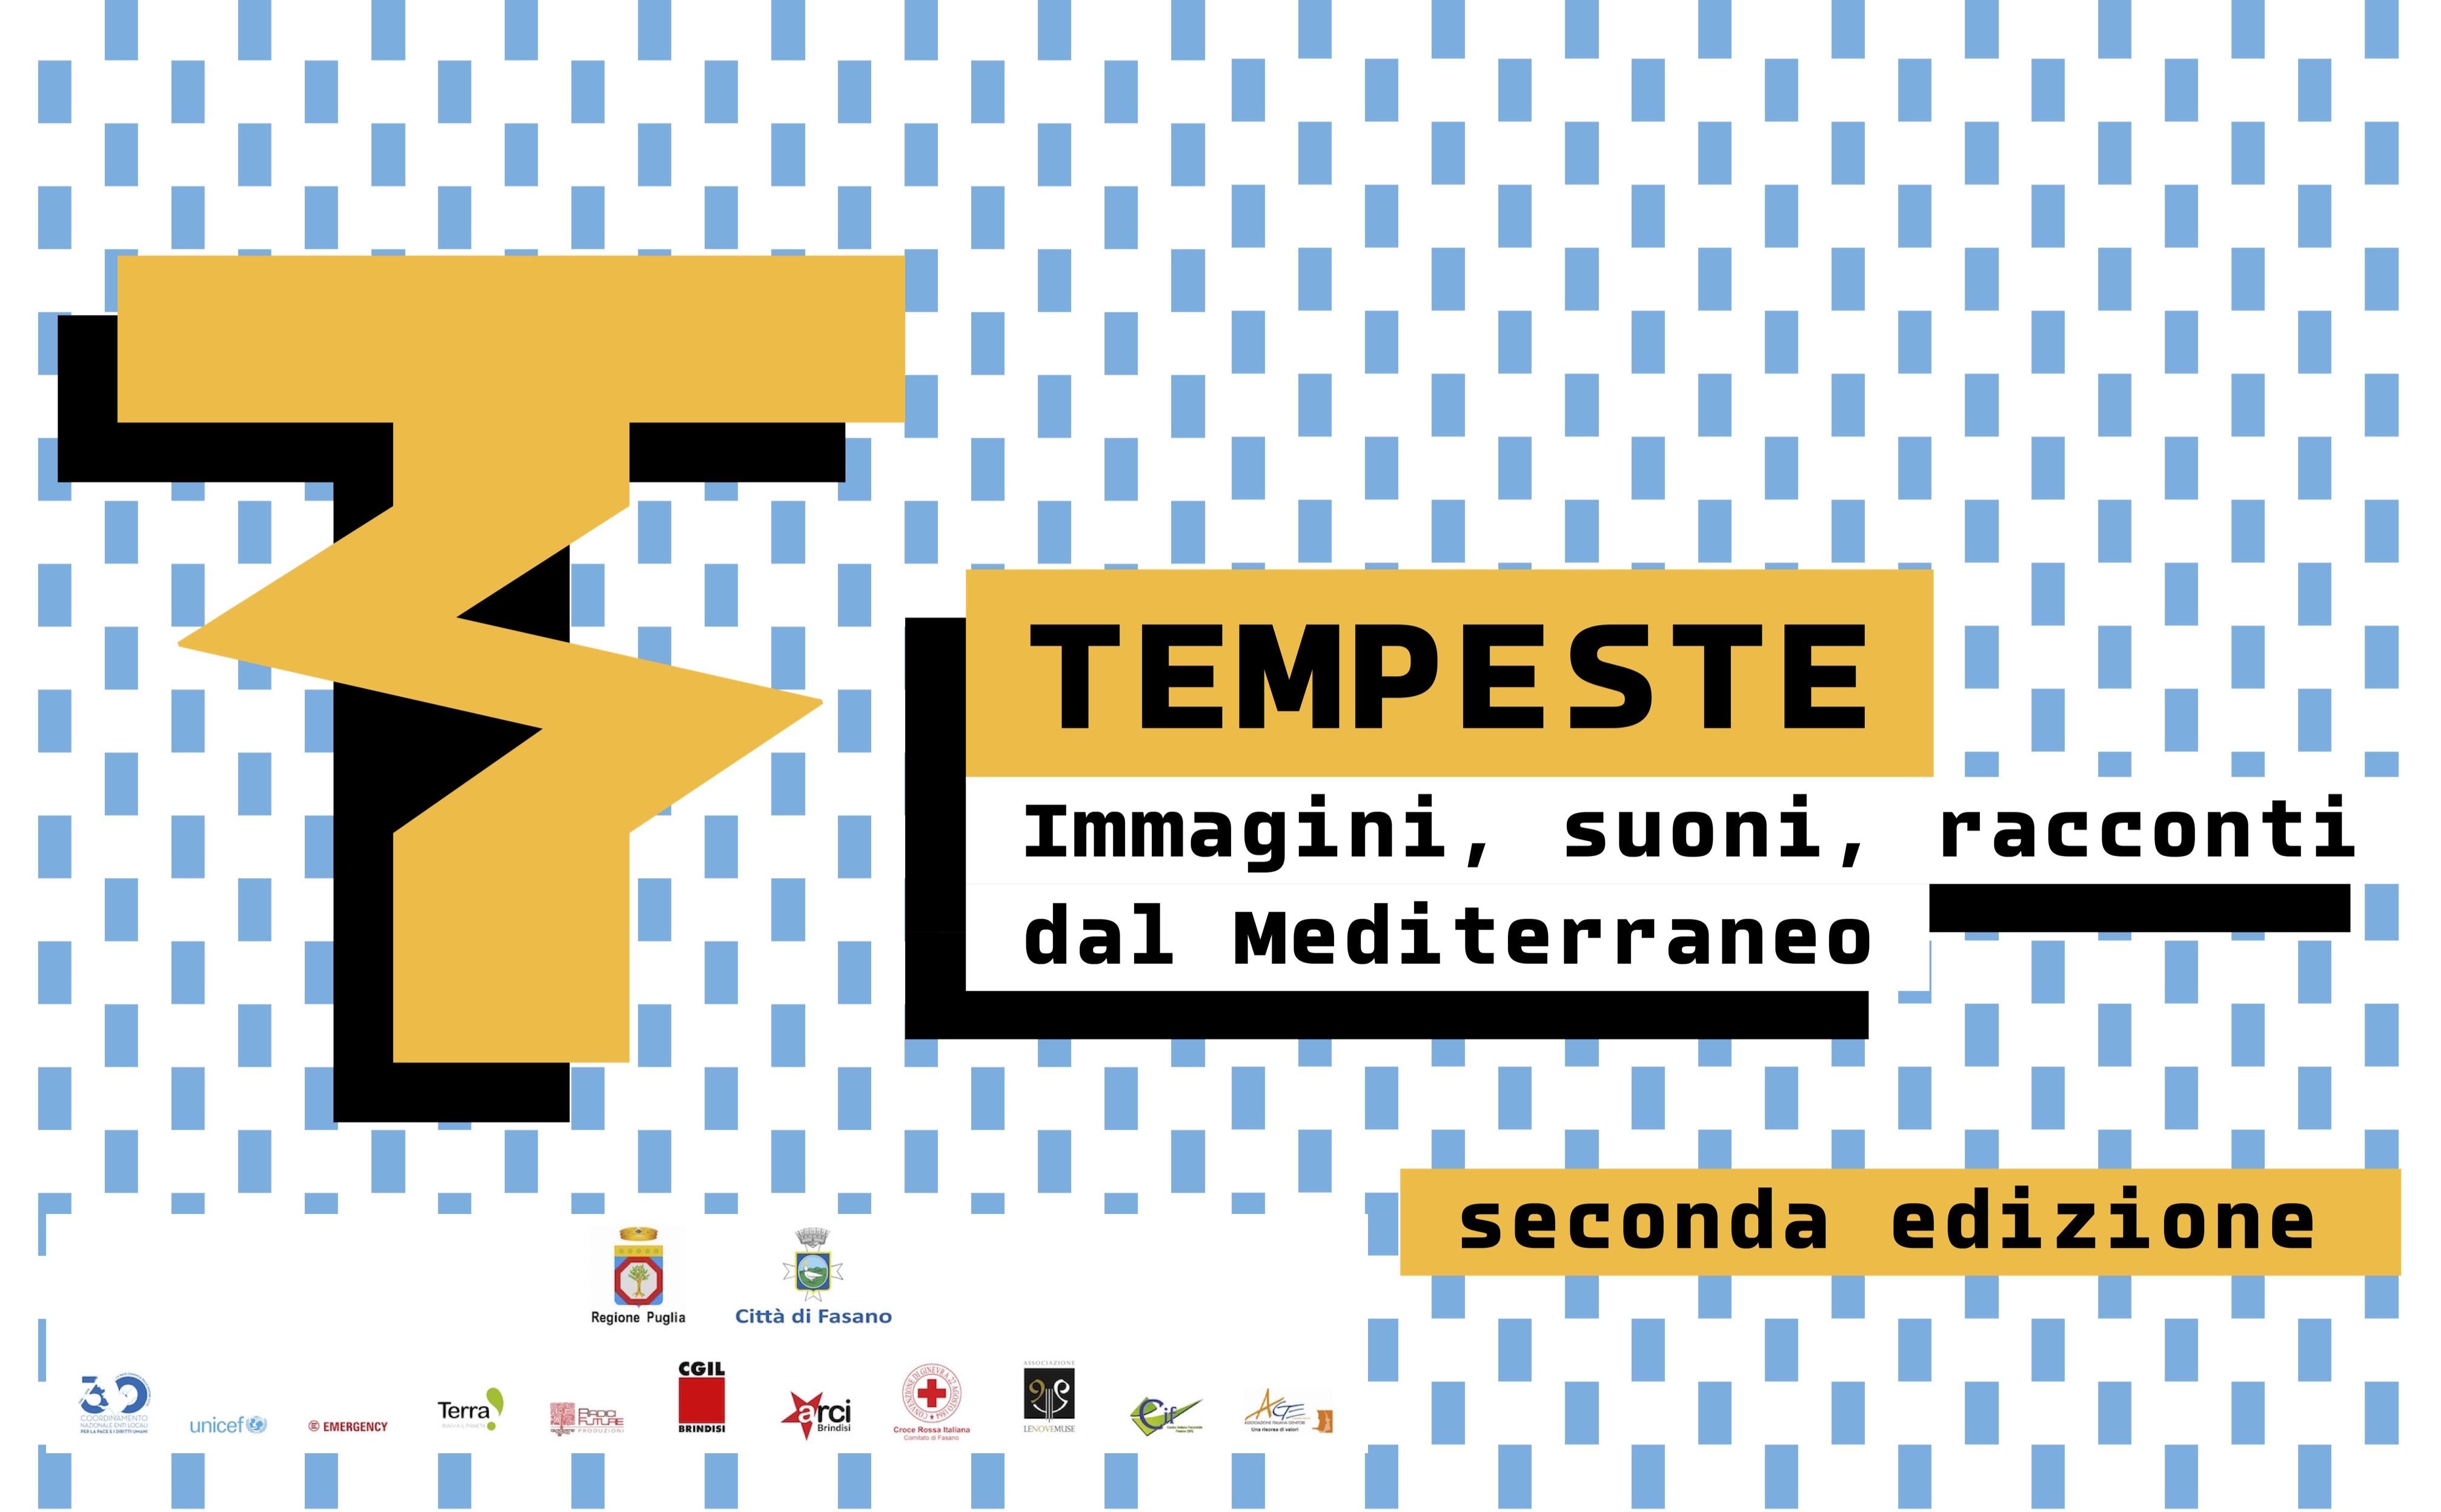 MANIFESTO TEMPESTE 2019